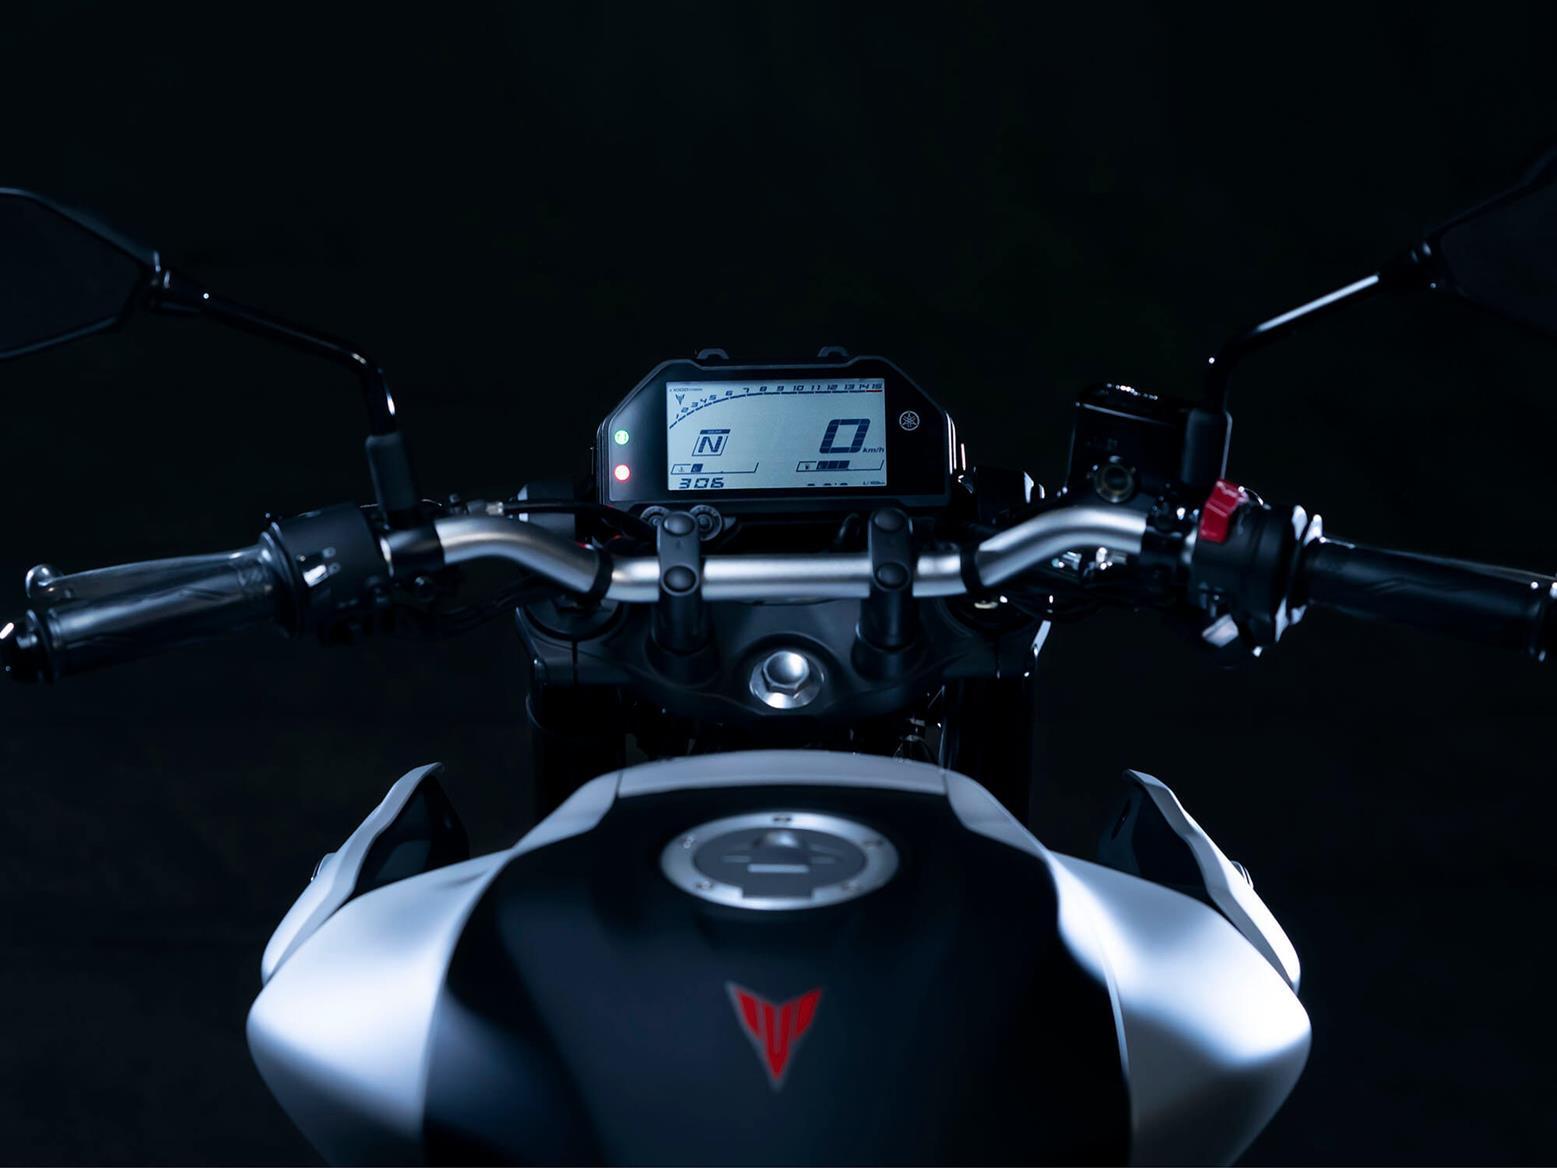 2020 Yamaha MT-03 dash